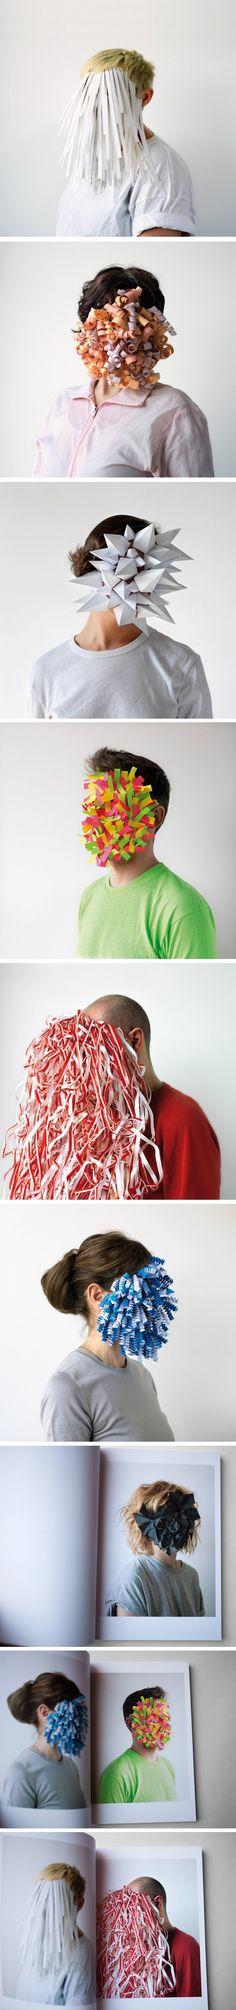 Visages en papier pour une campagne de pub Cette série de créations en papier a été réalisée par le designer graphique basé à Barcelone, Héctor Sos en coll